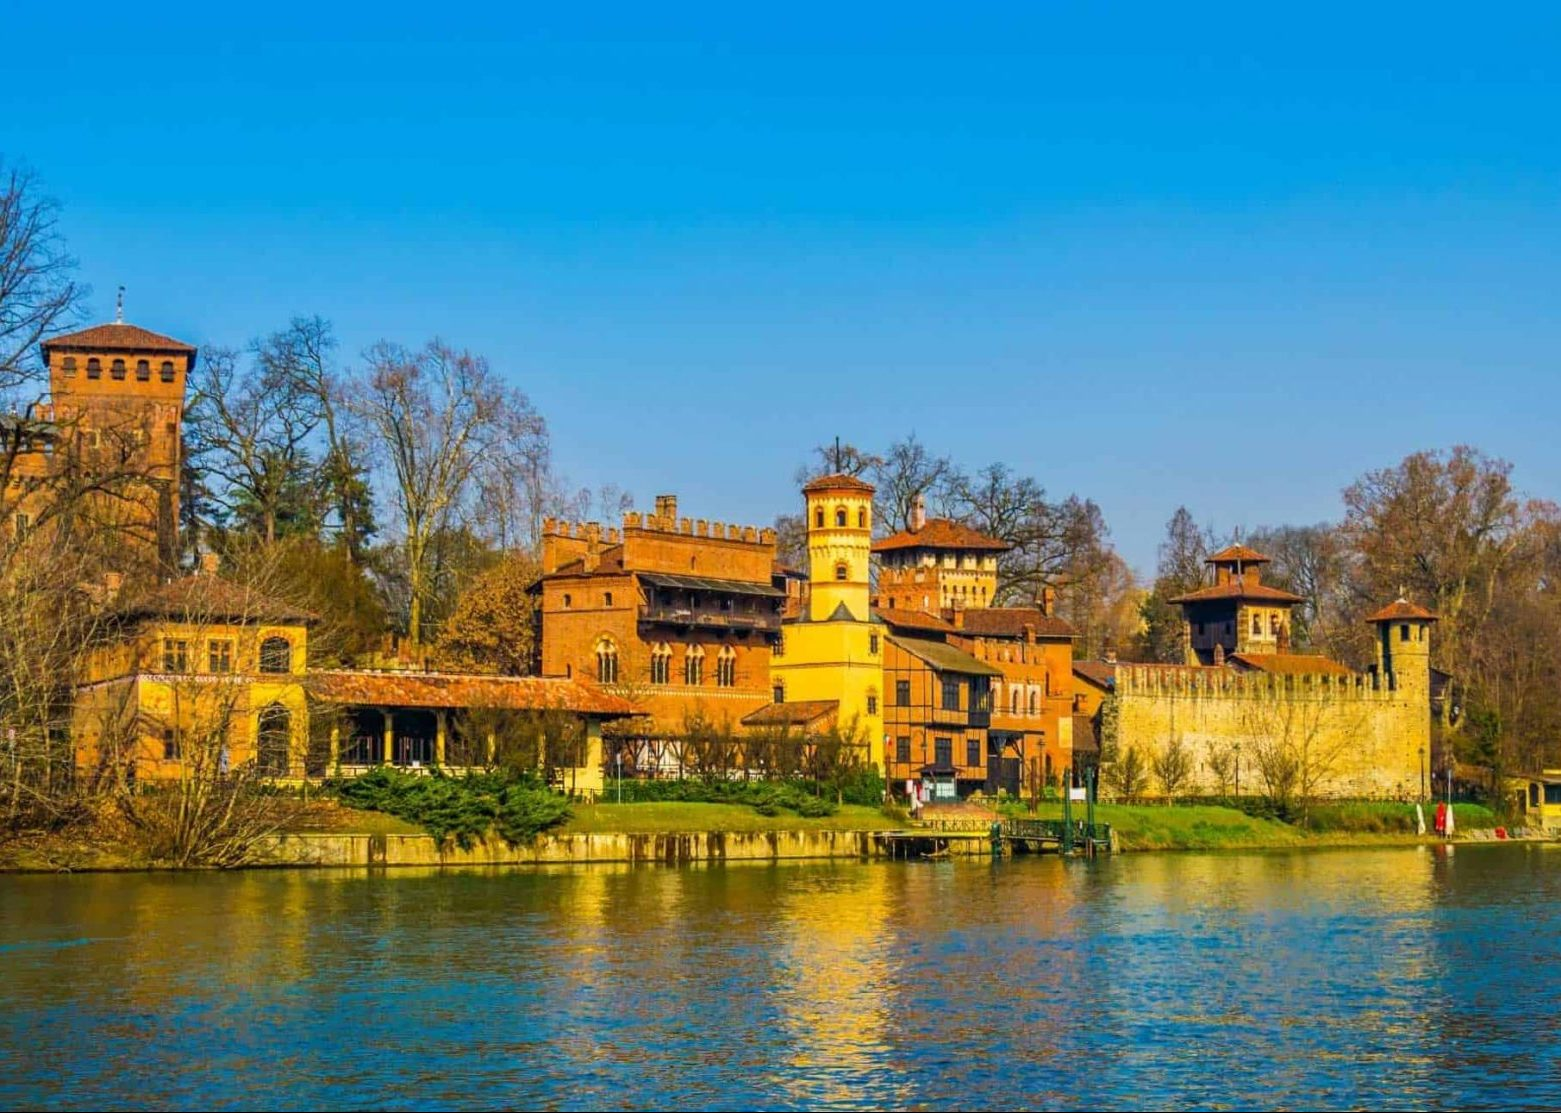 Parco del Valentino © Vaghis – viaggi & turismo Italia – Tutti i diritti riservati